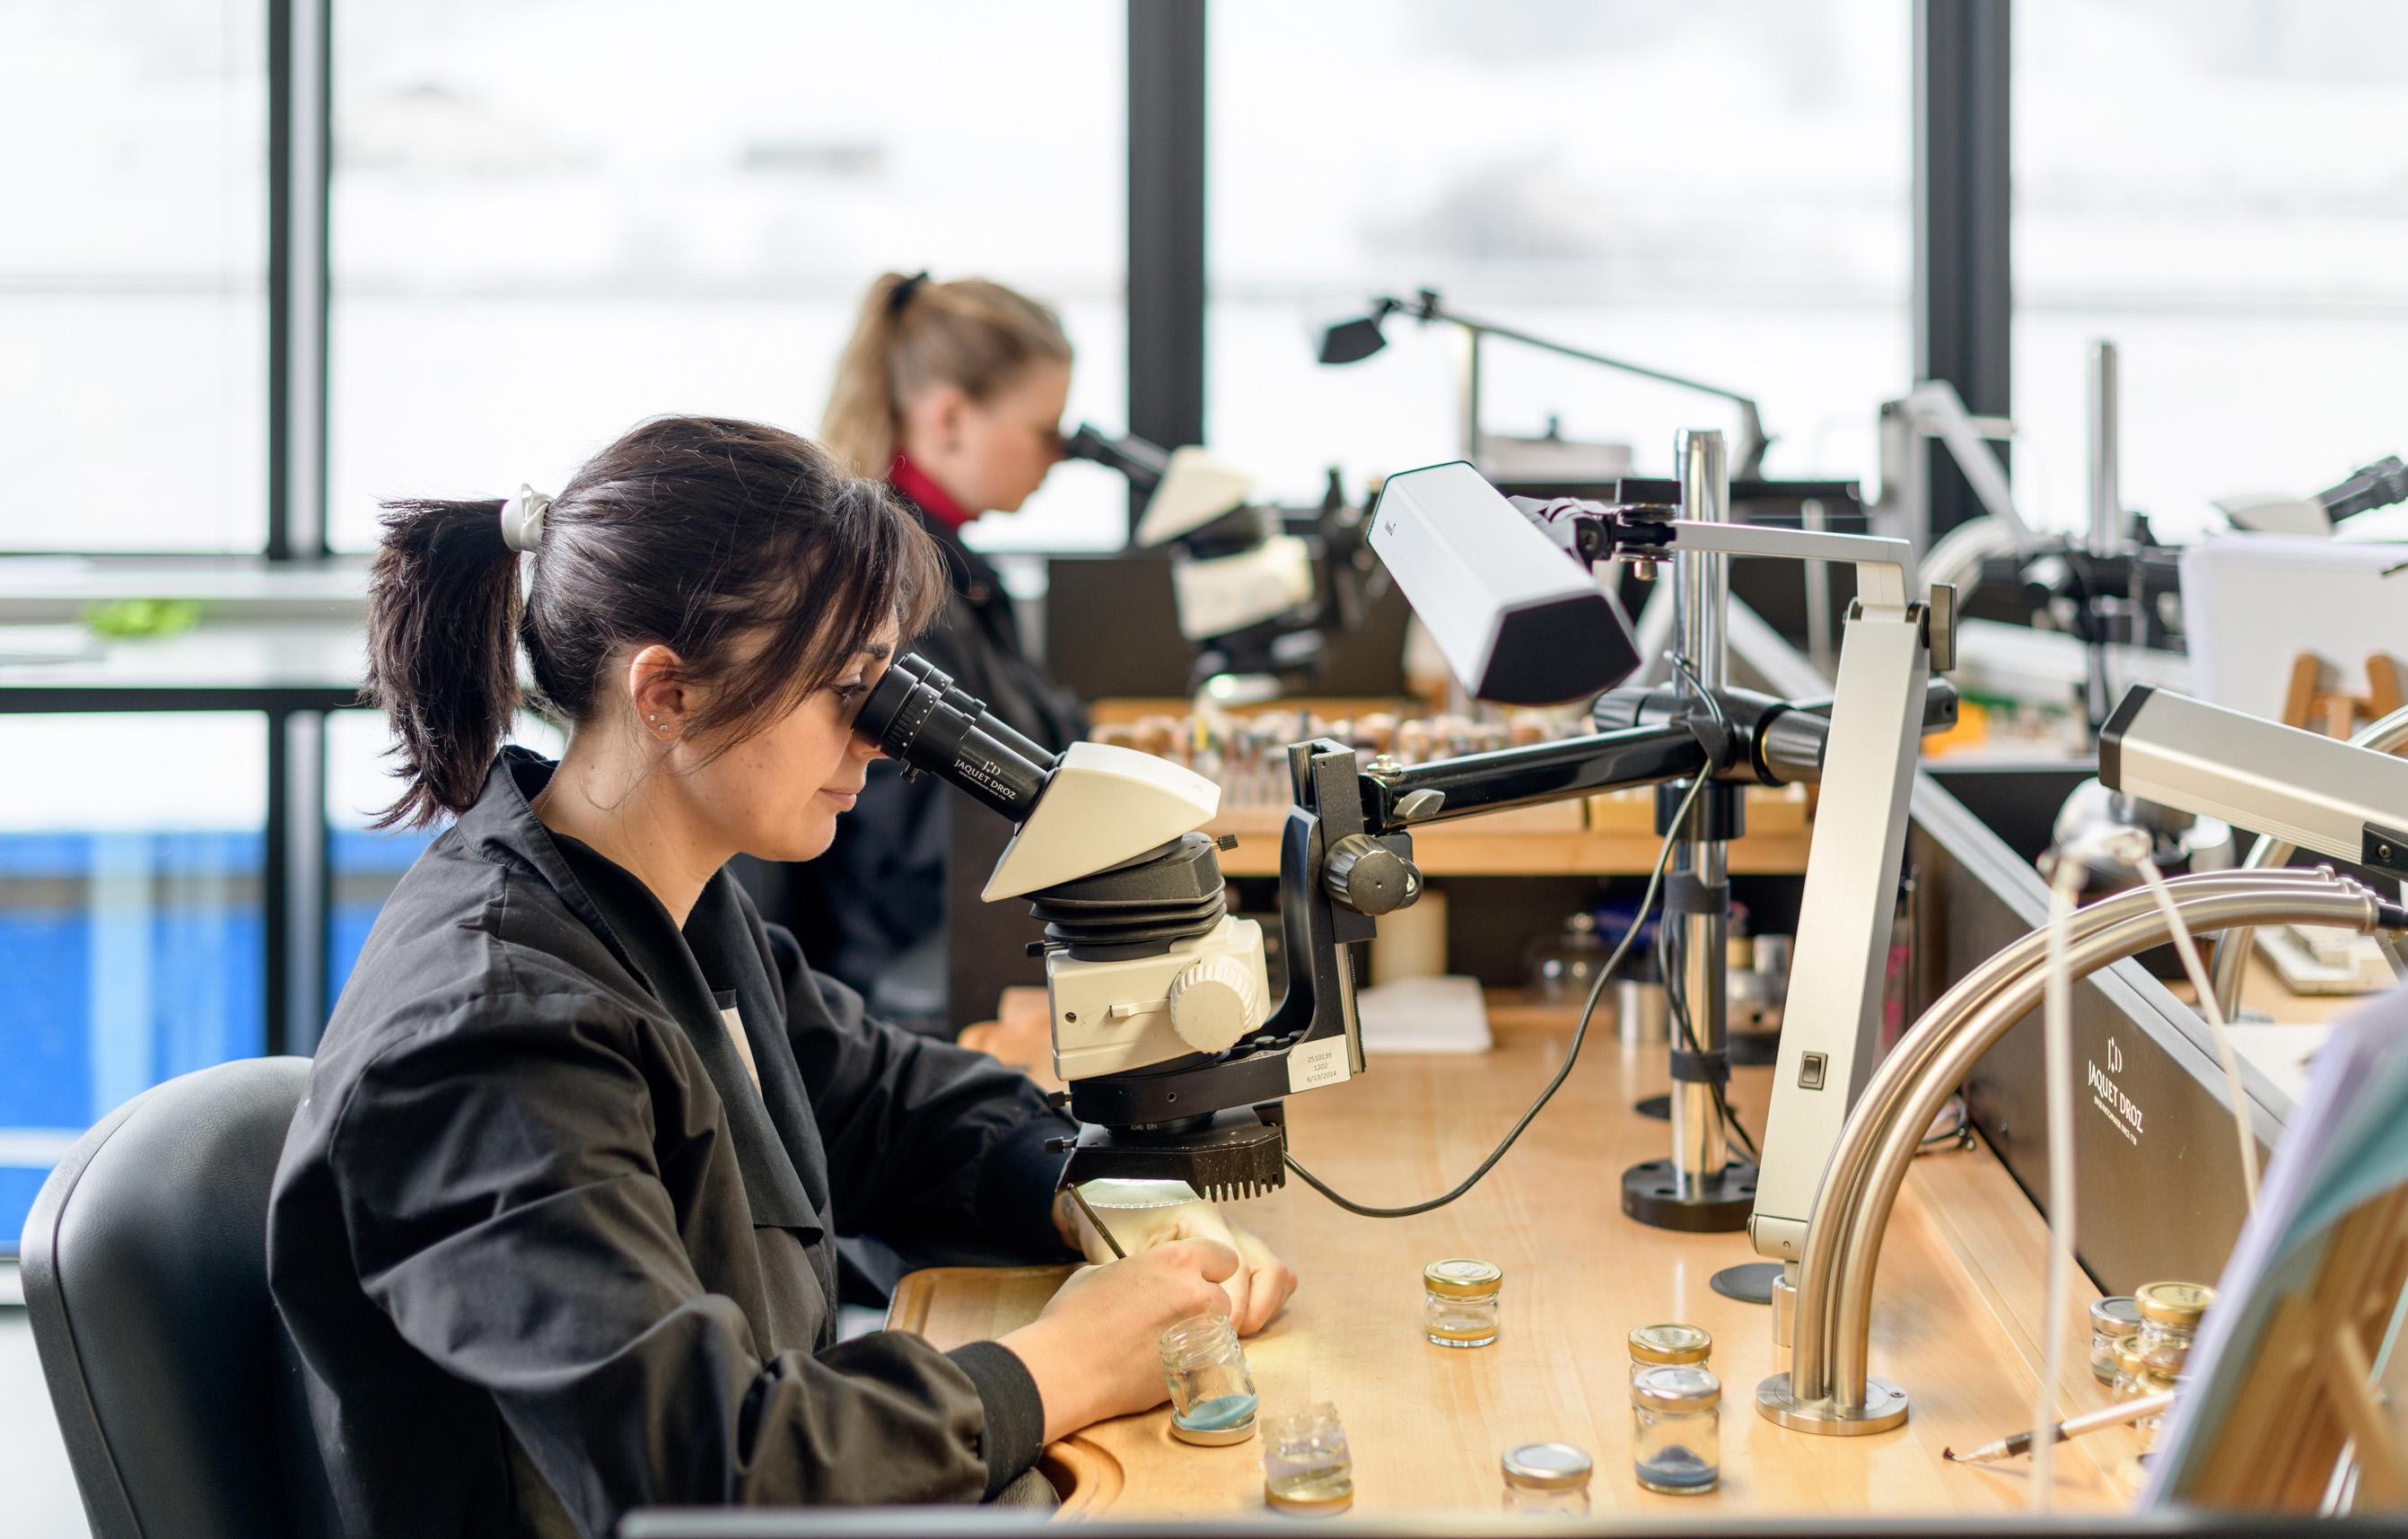 雅克德羅重申其道德承諾并加入責任珠寶業委員會(RJC)